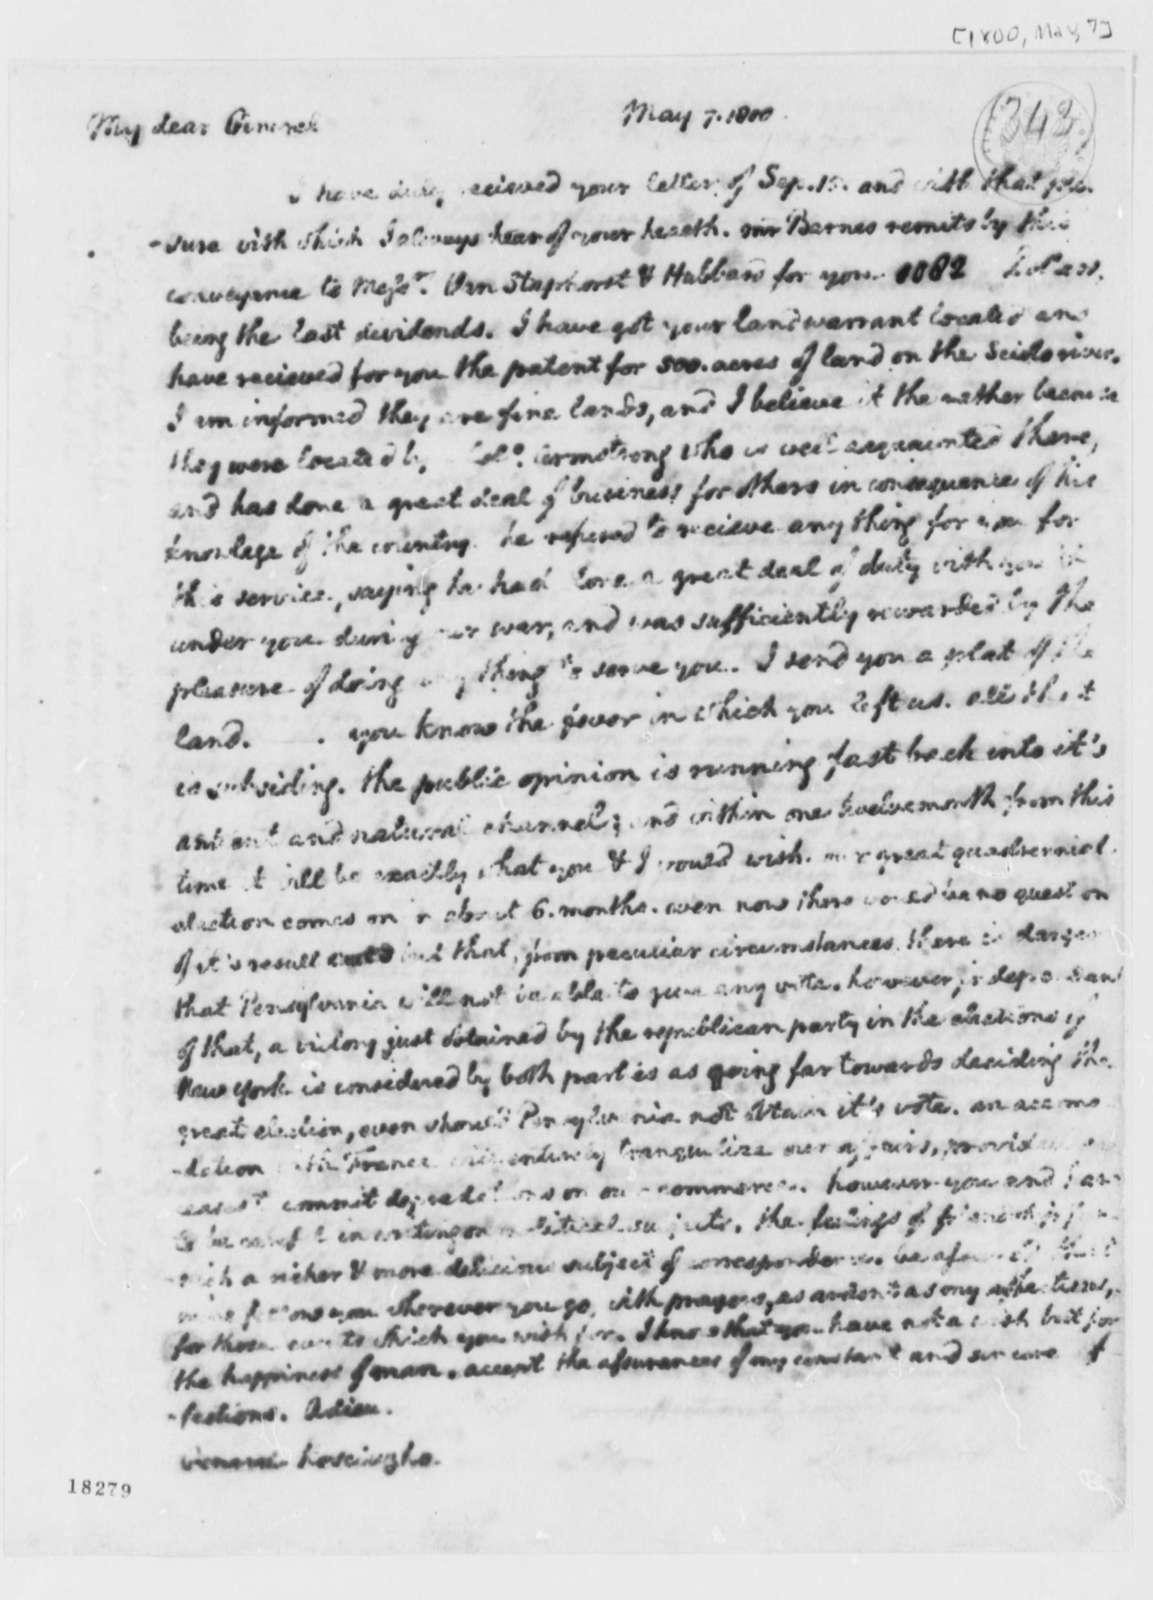 Thomas Jefferson to Thaddeus Kosciuszko, May 7, 1800